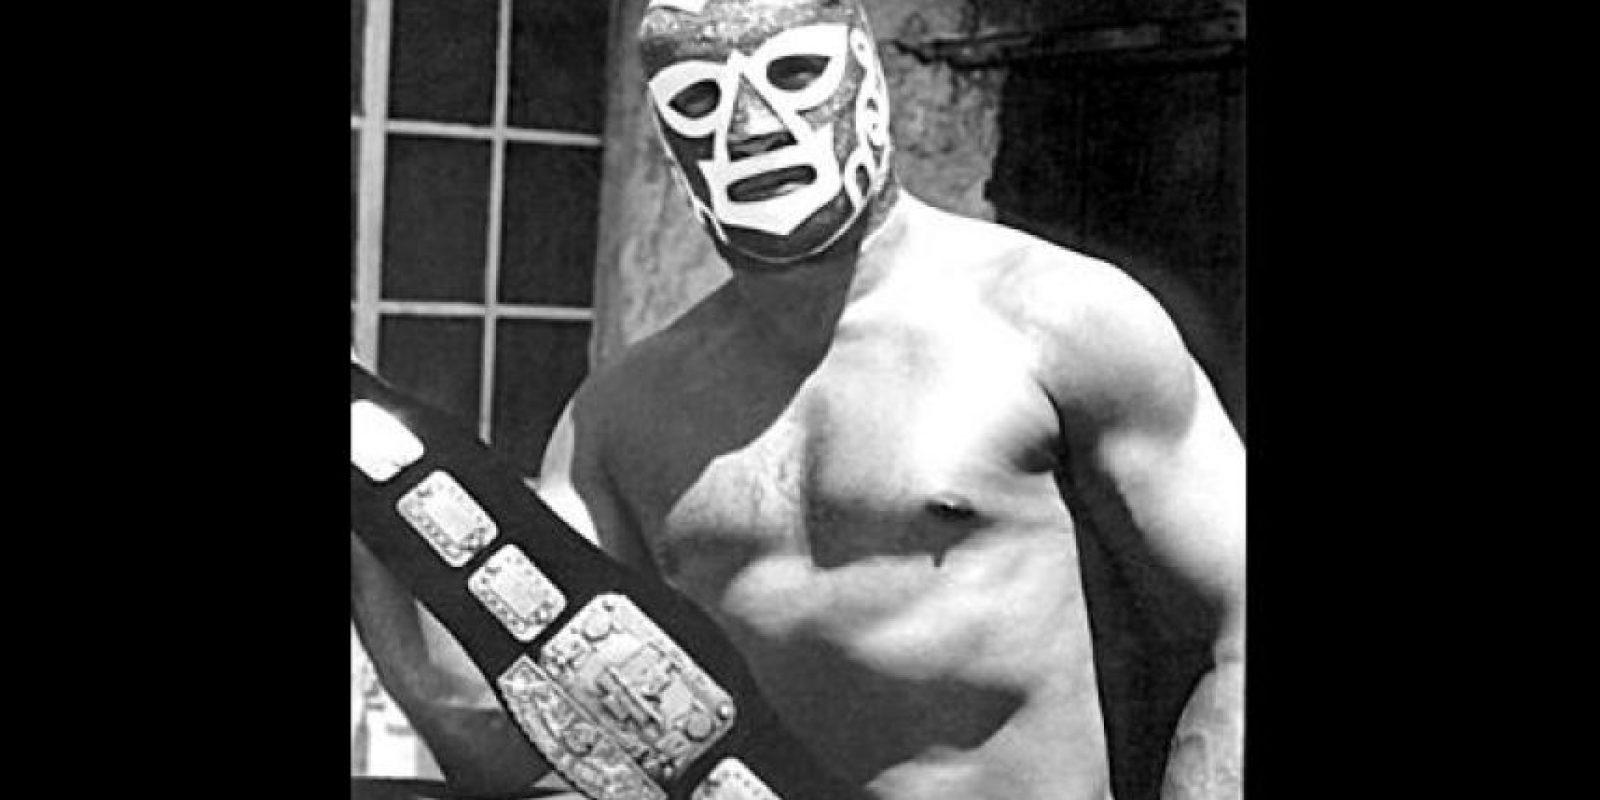 Huracán Ramírez Foto:WWE